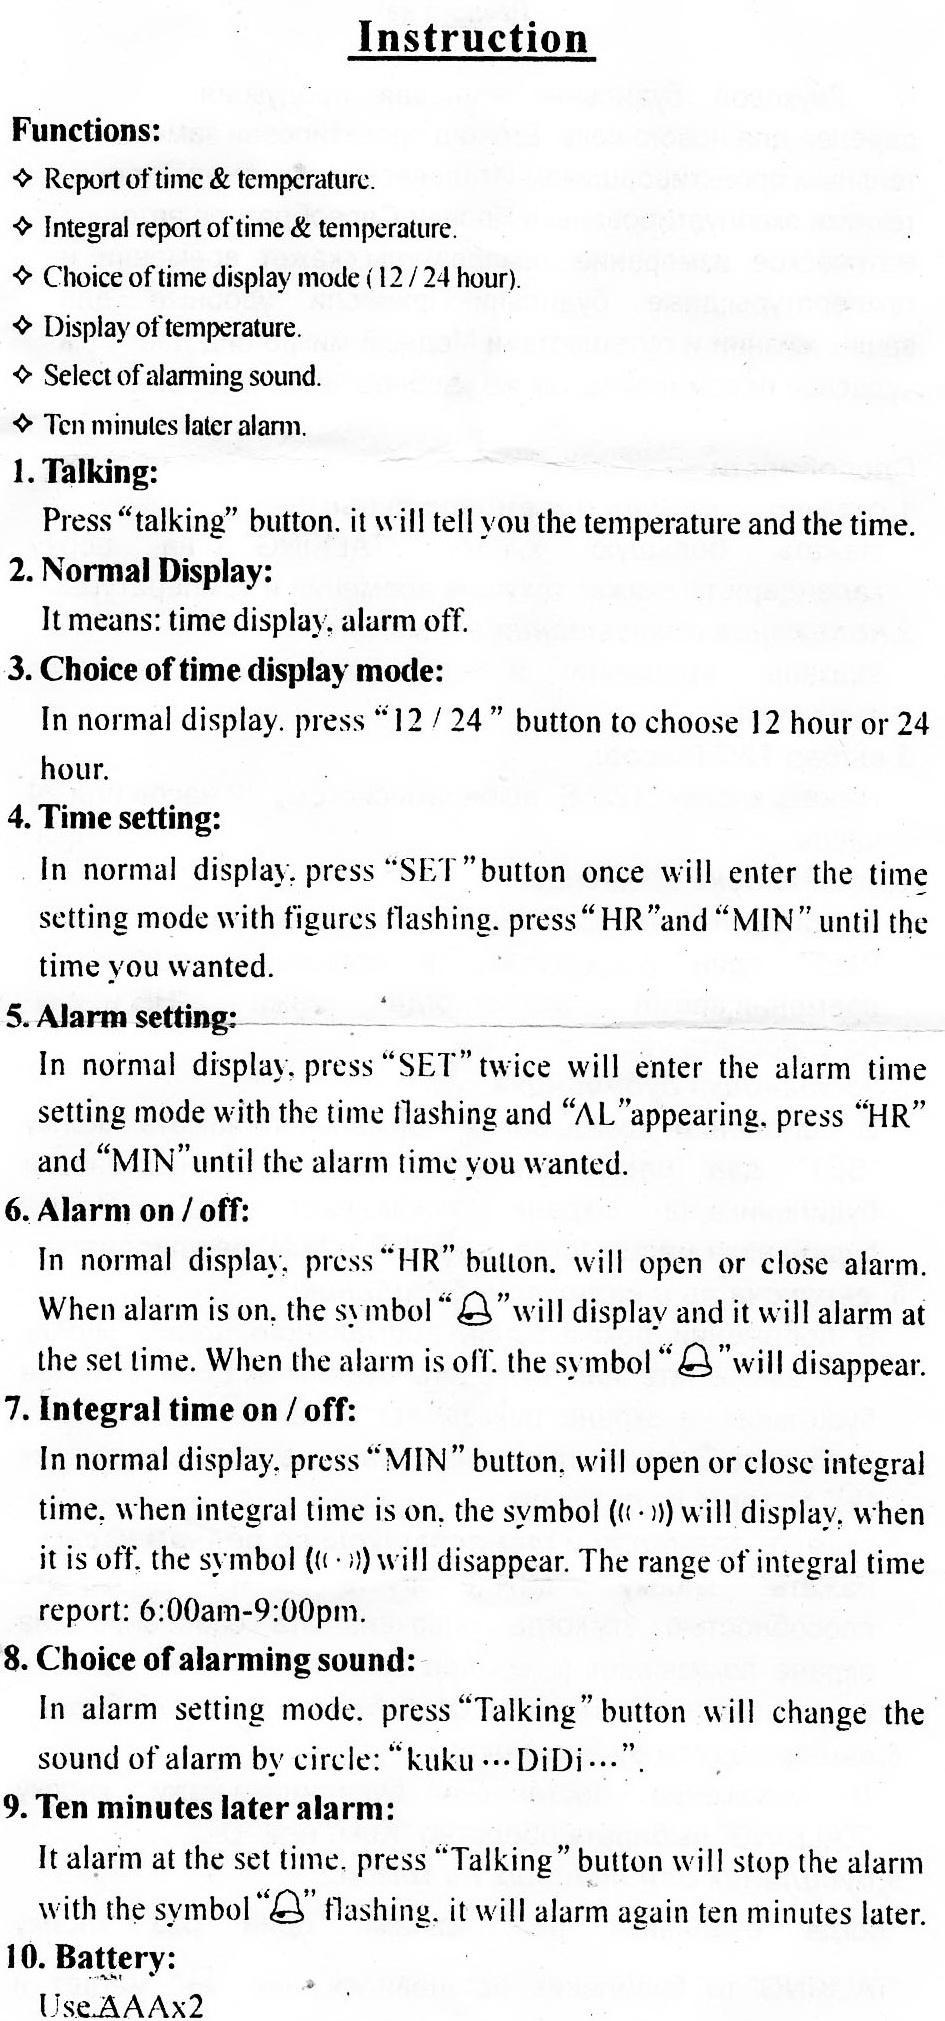 Часы snooze talking clock инструкция инструкция по эксплуатации.